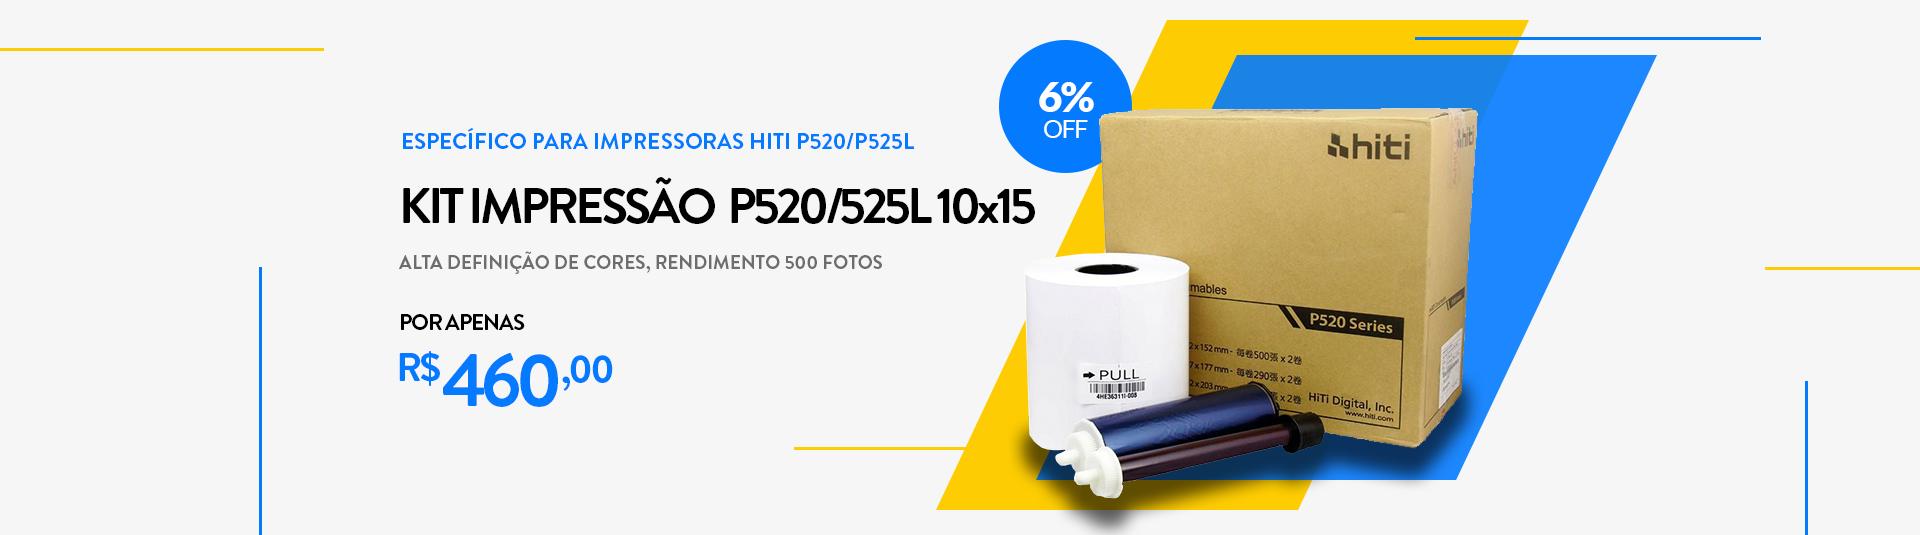 Papel HiTi P520/P525L 10X15